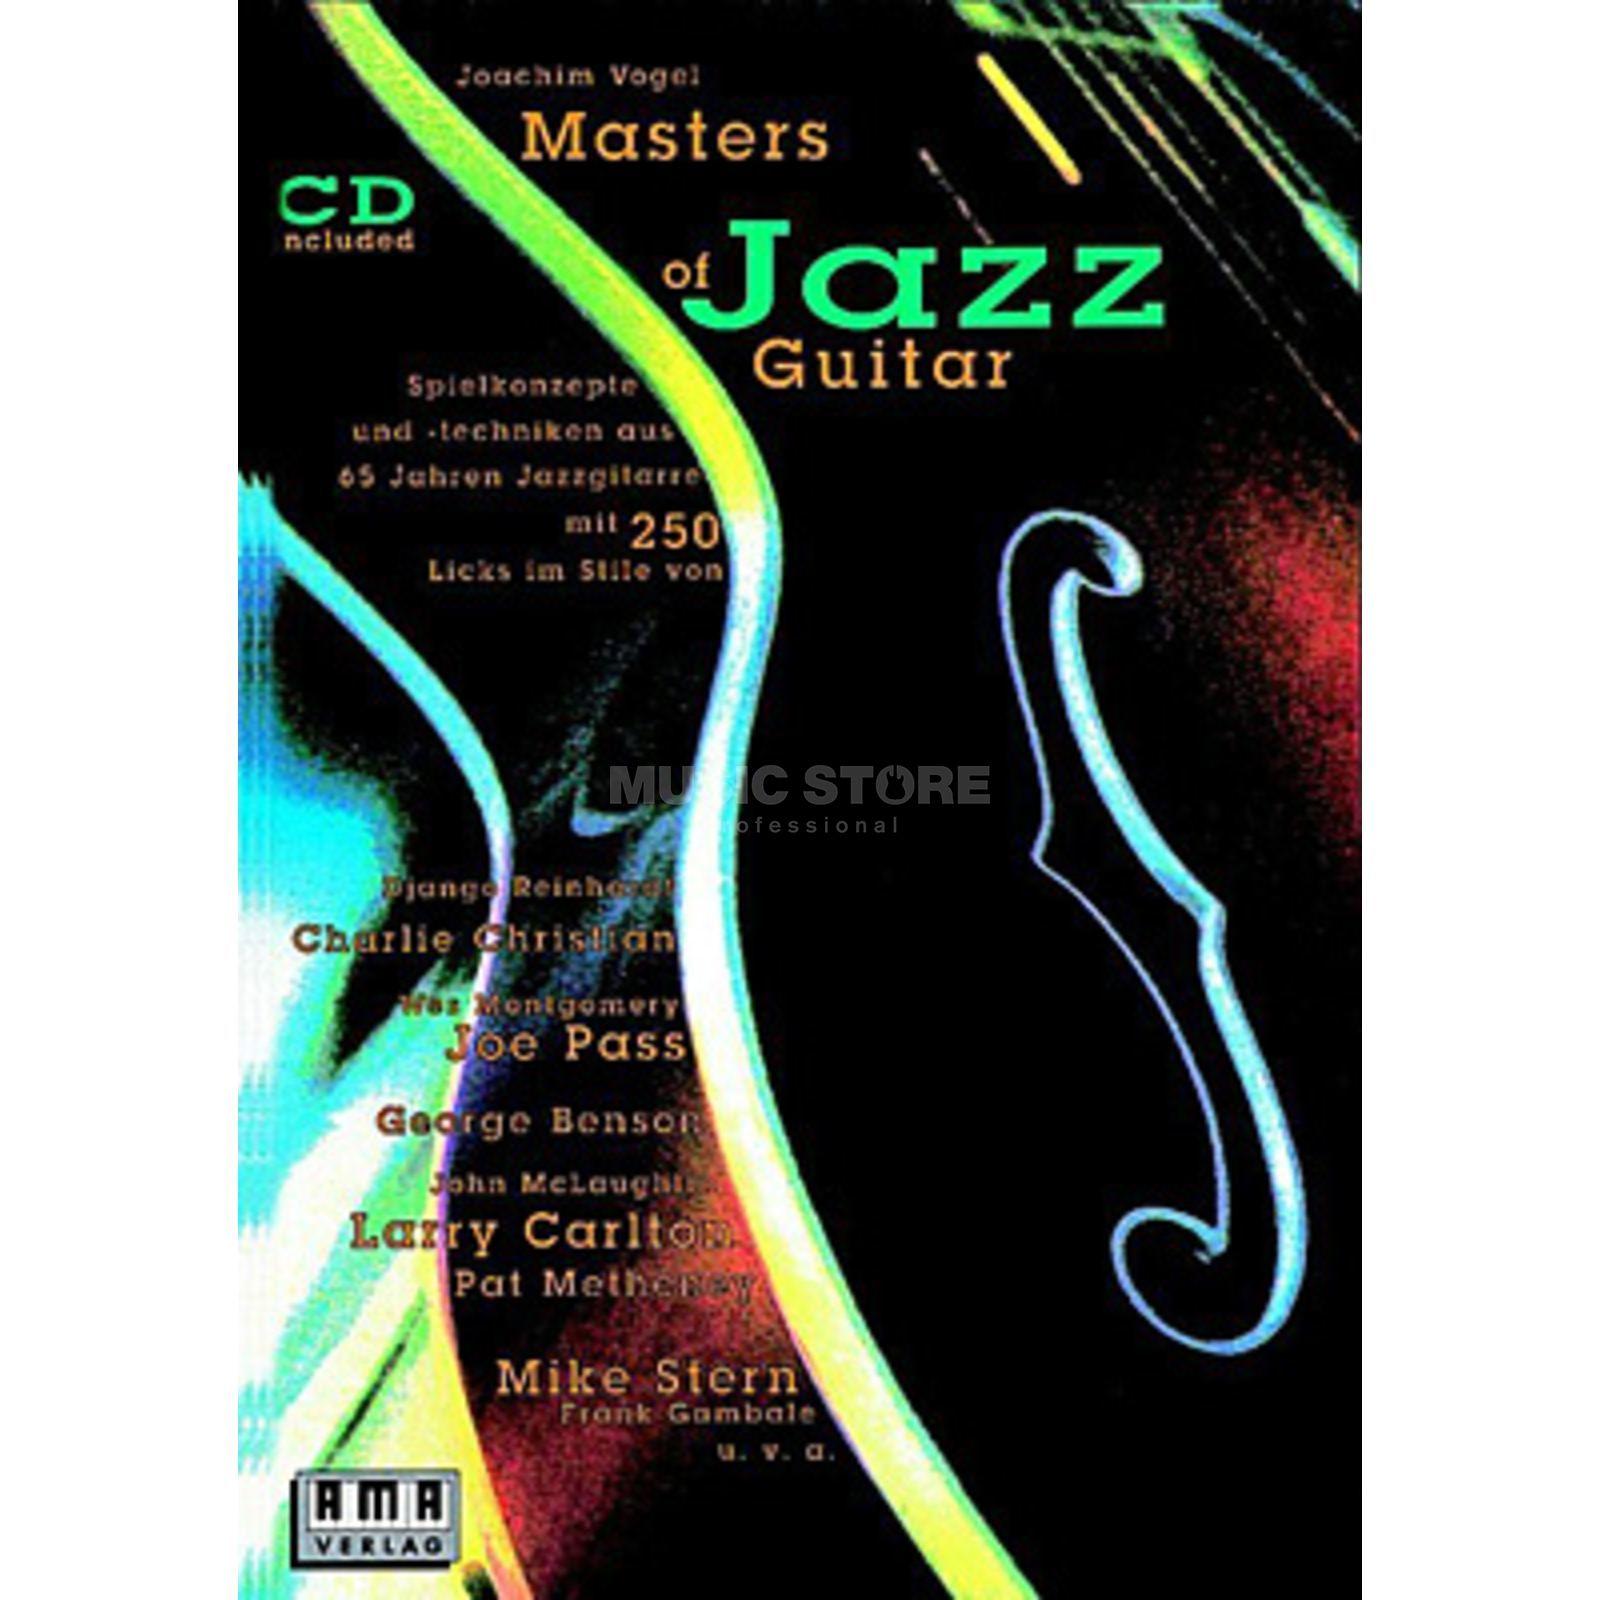 Joachim Vogel ama verlag masters of jazz guitar joachim vogel inkl cd